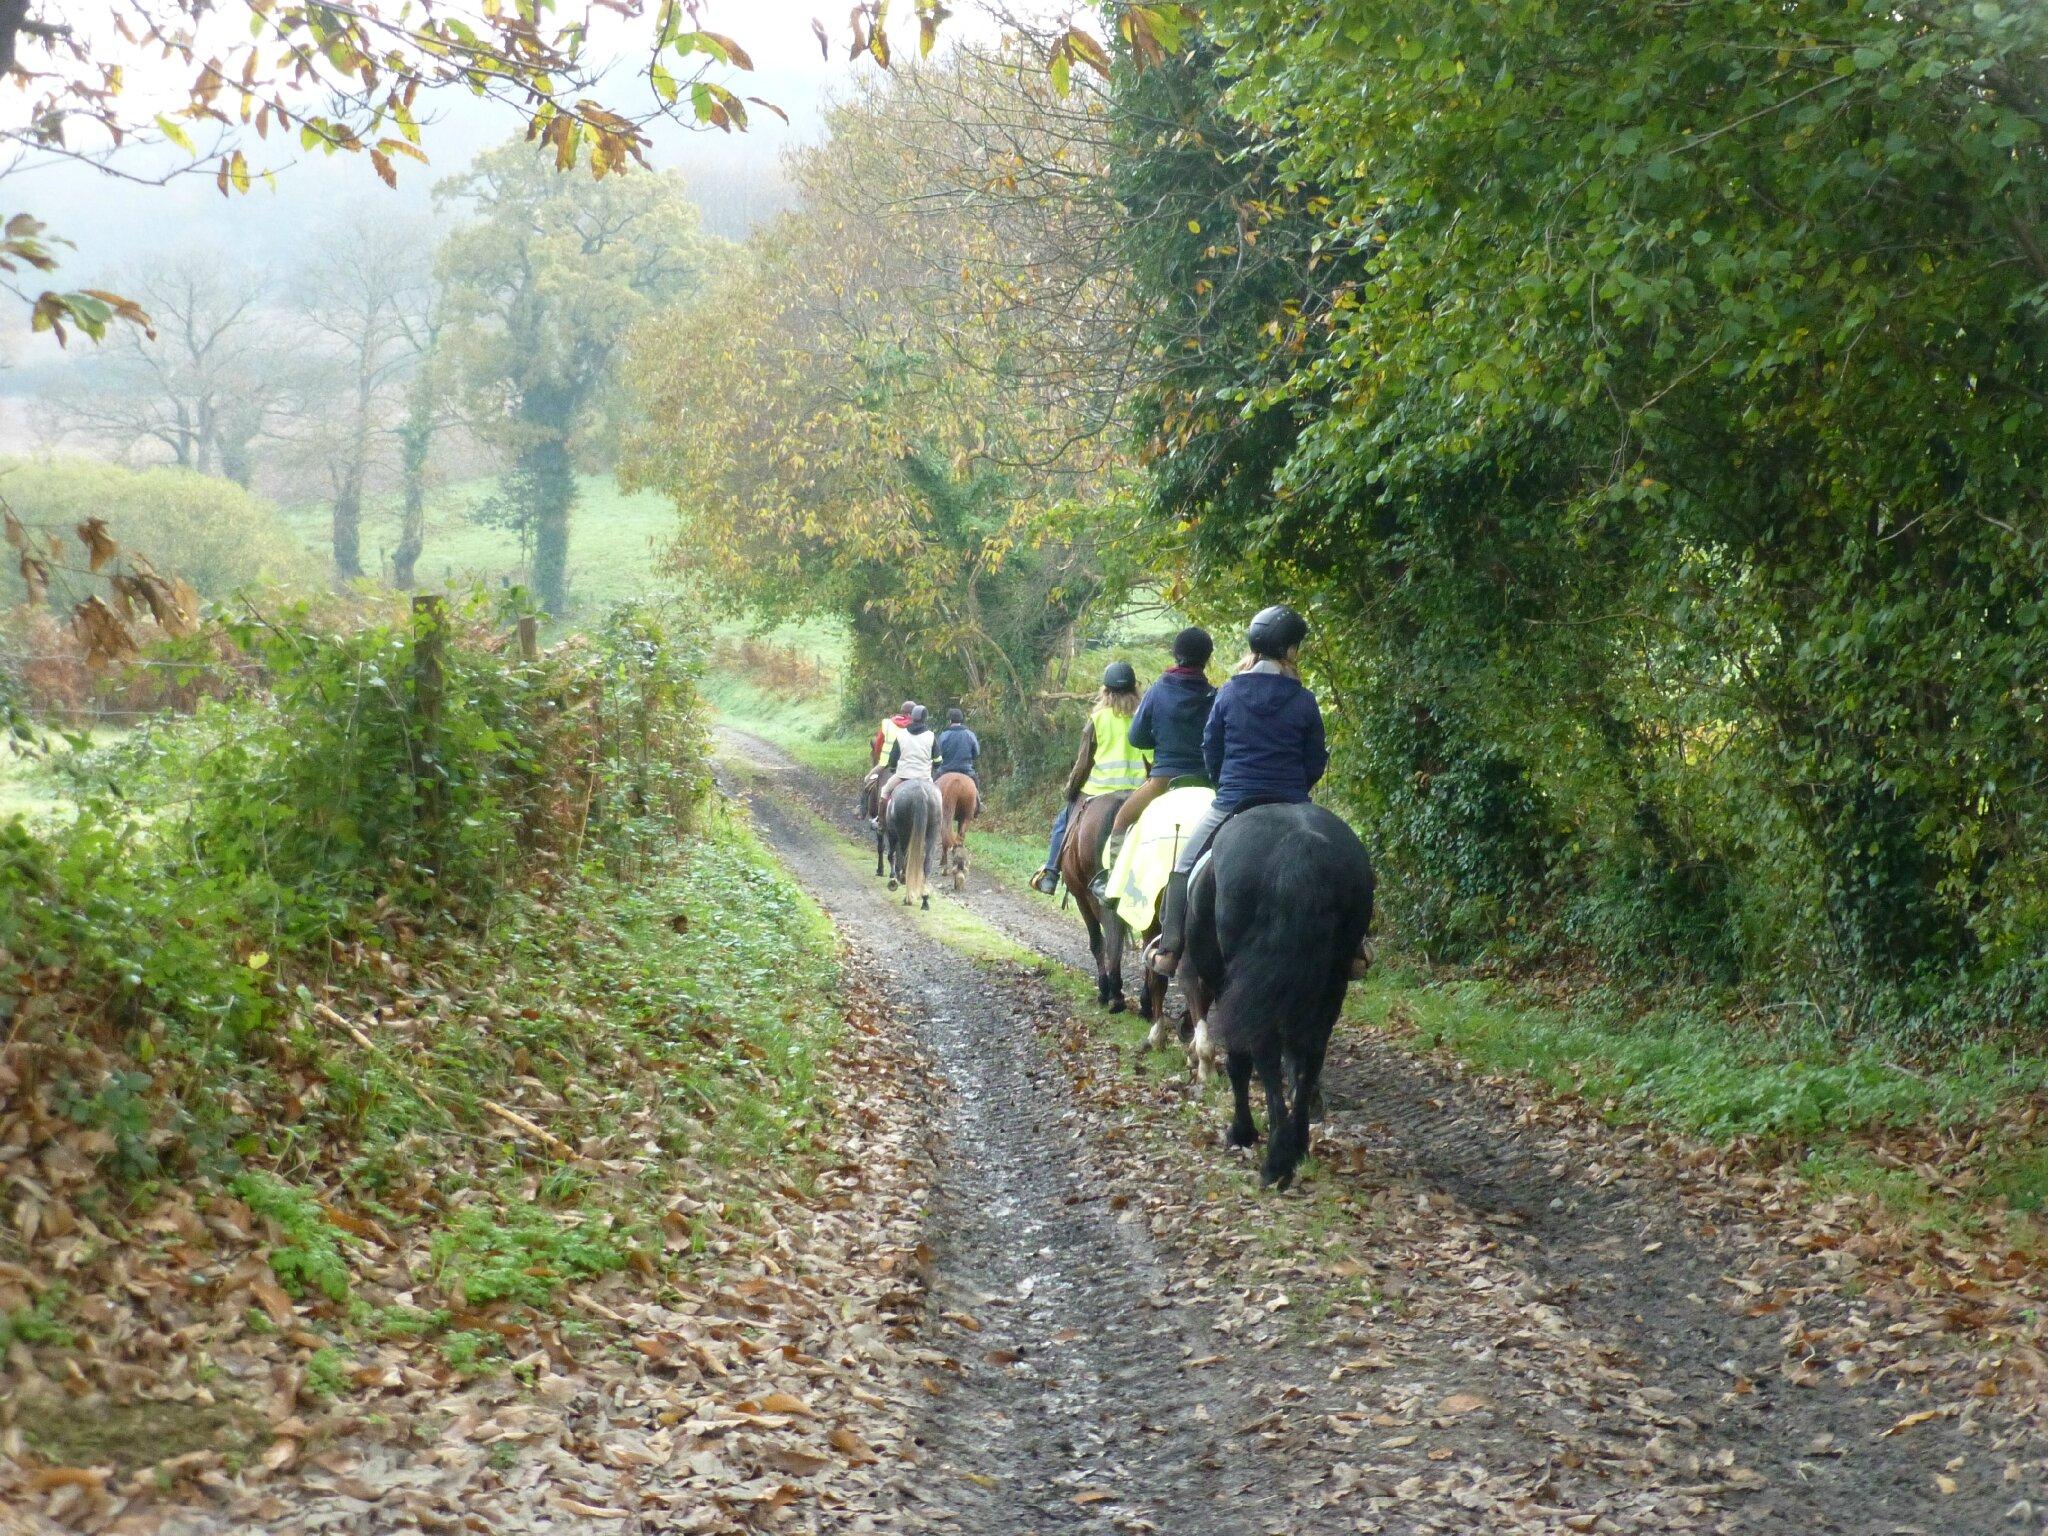 balade liberté à saint brice - cheval nature (12)